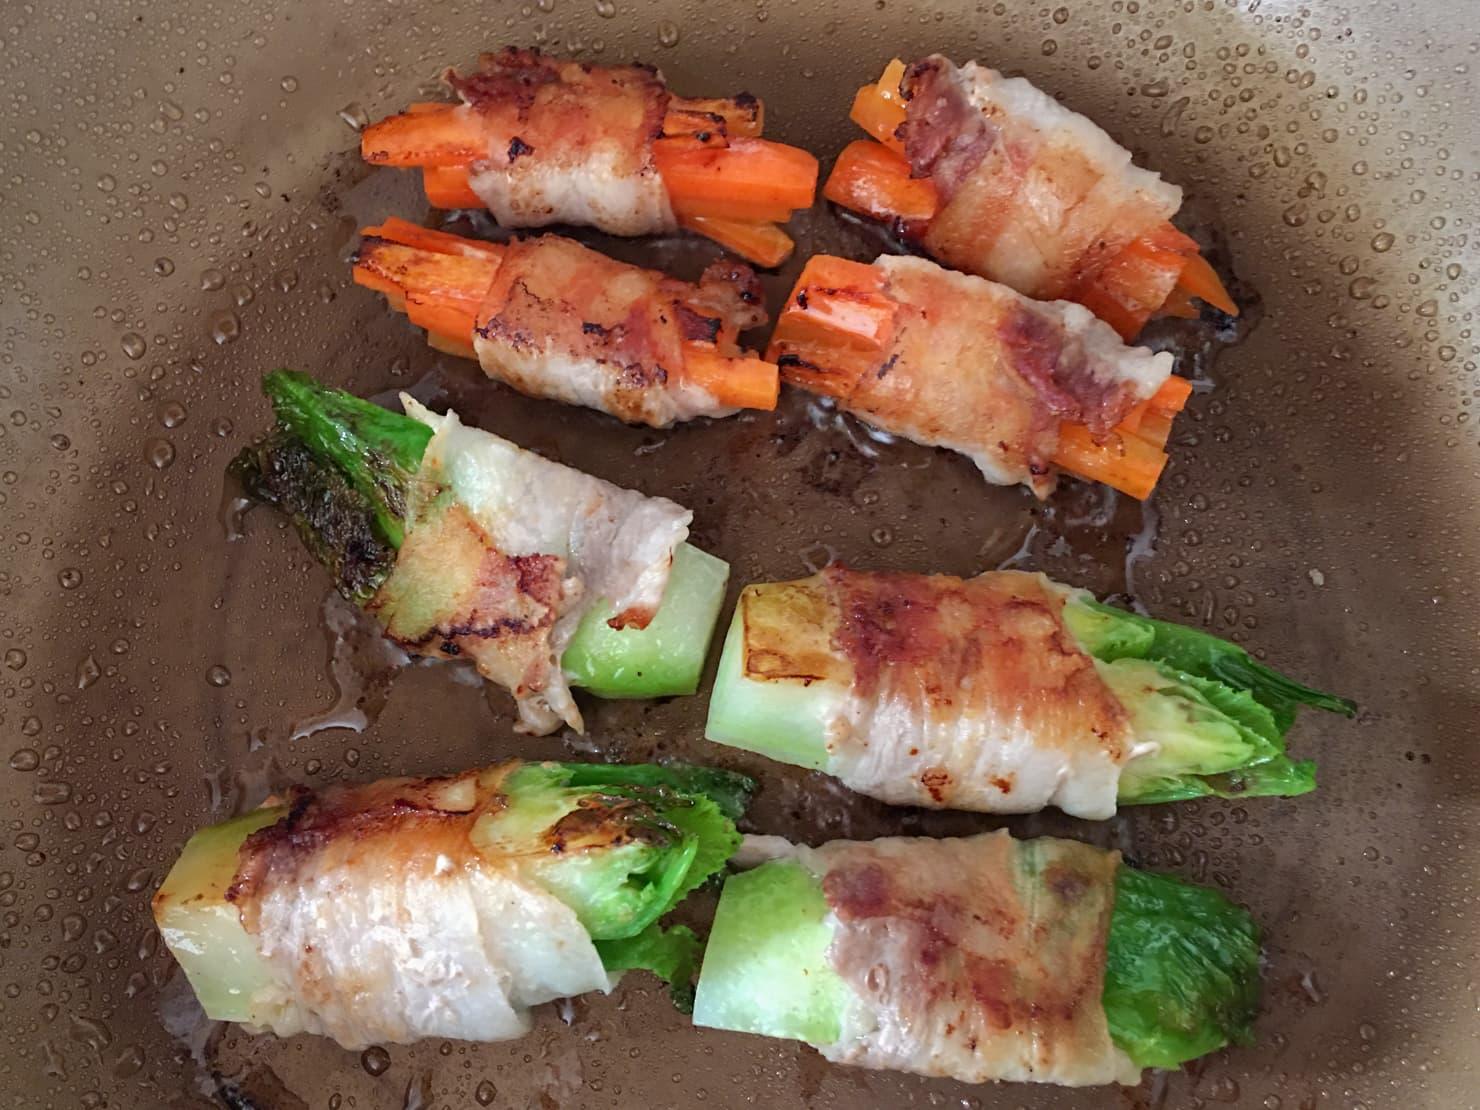 子持ち高菜と人参の肉巻きを焼いているところの写真